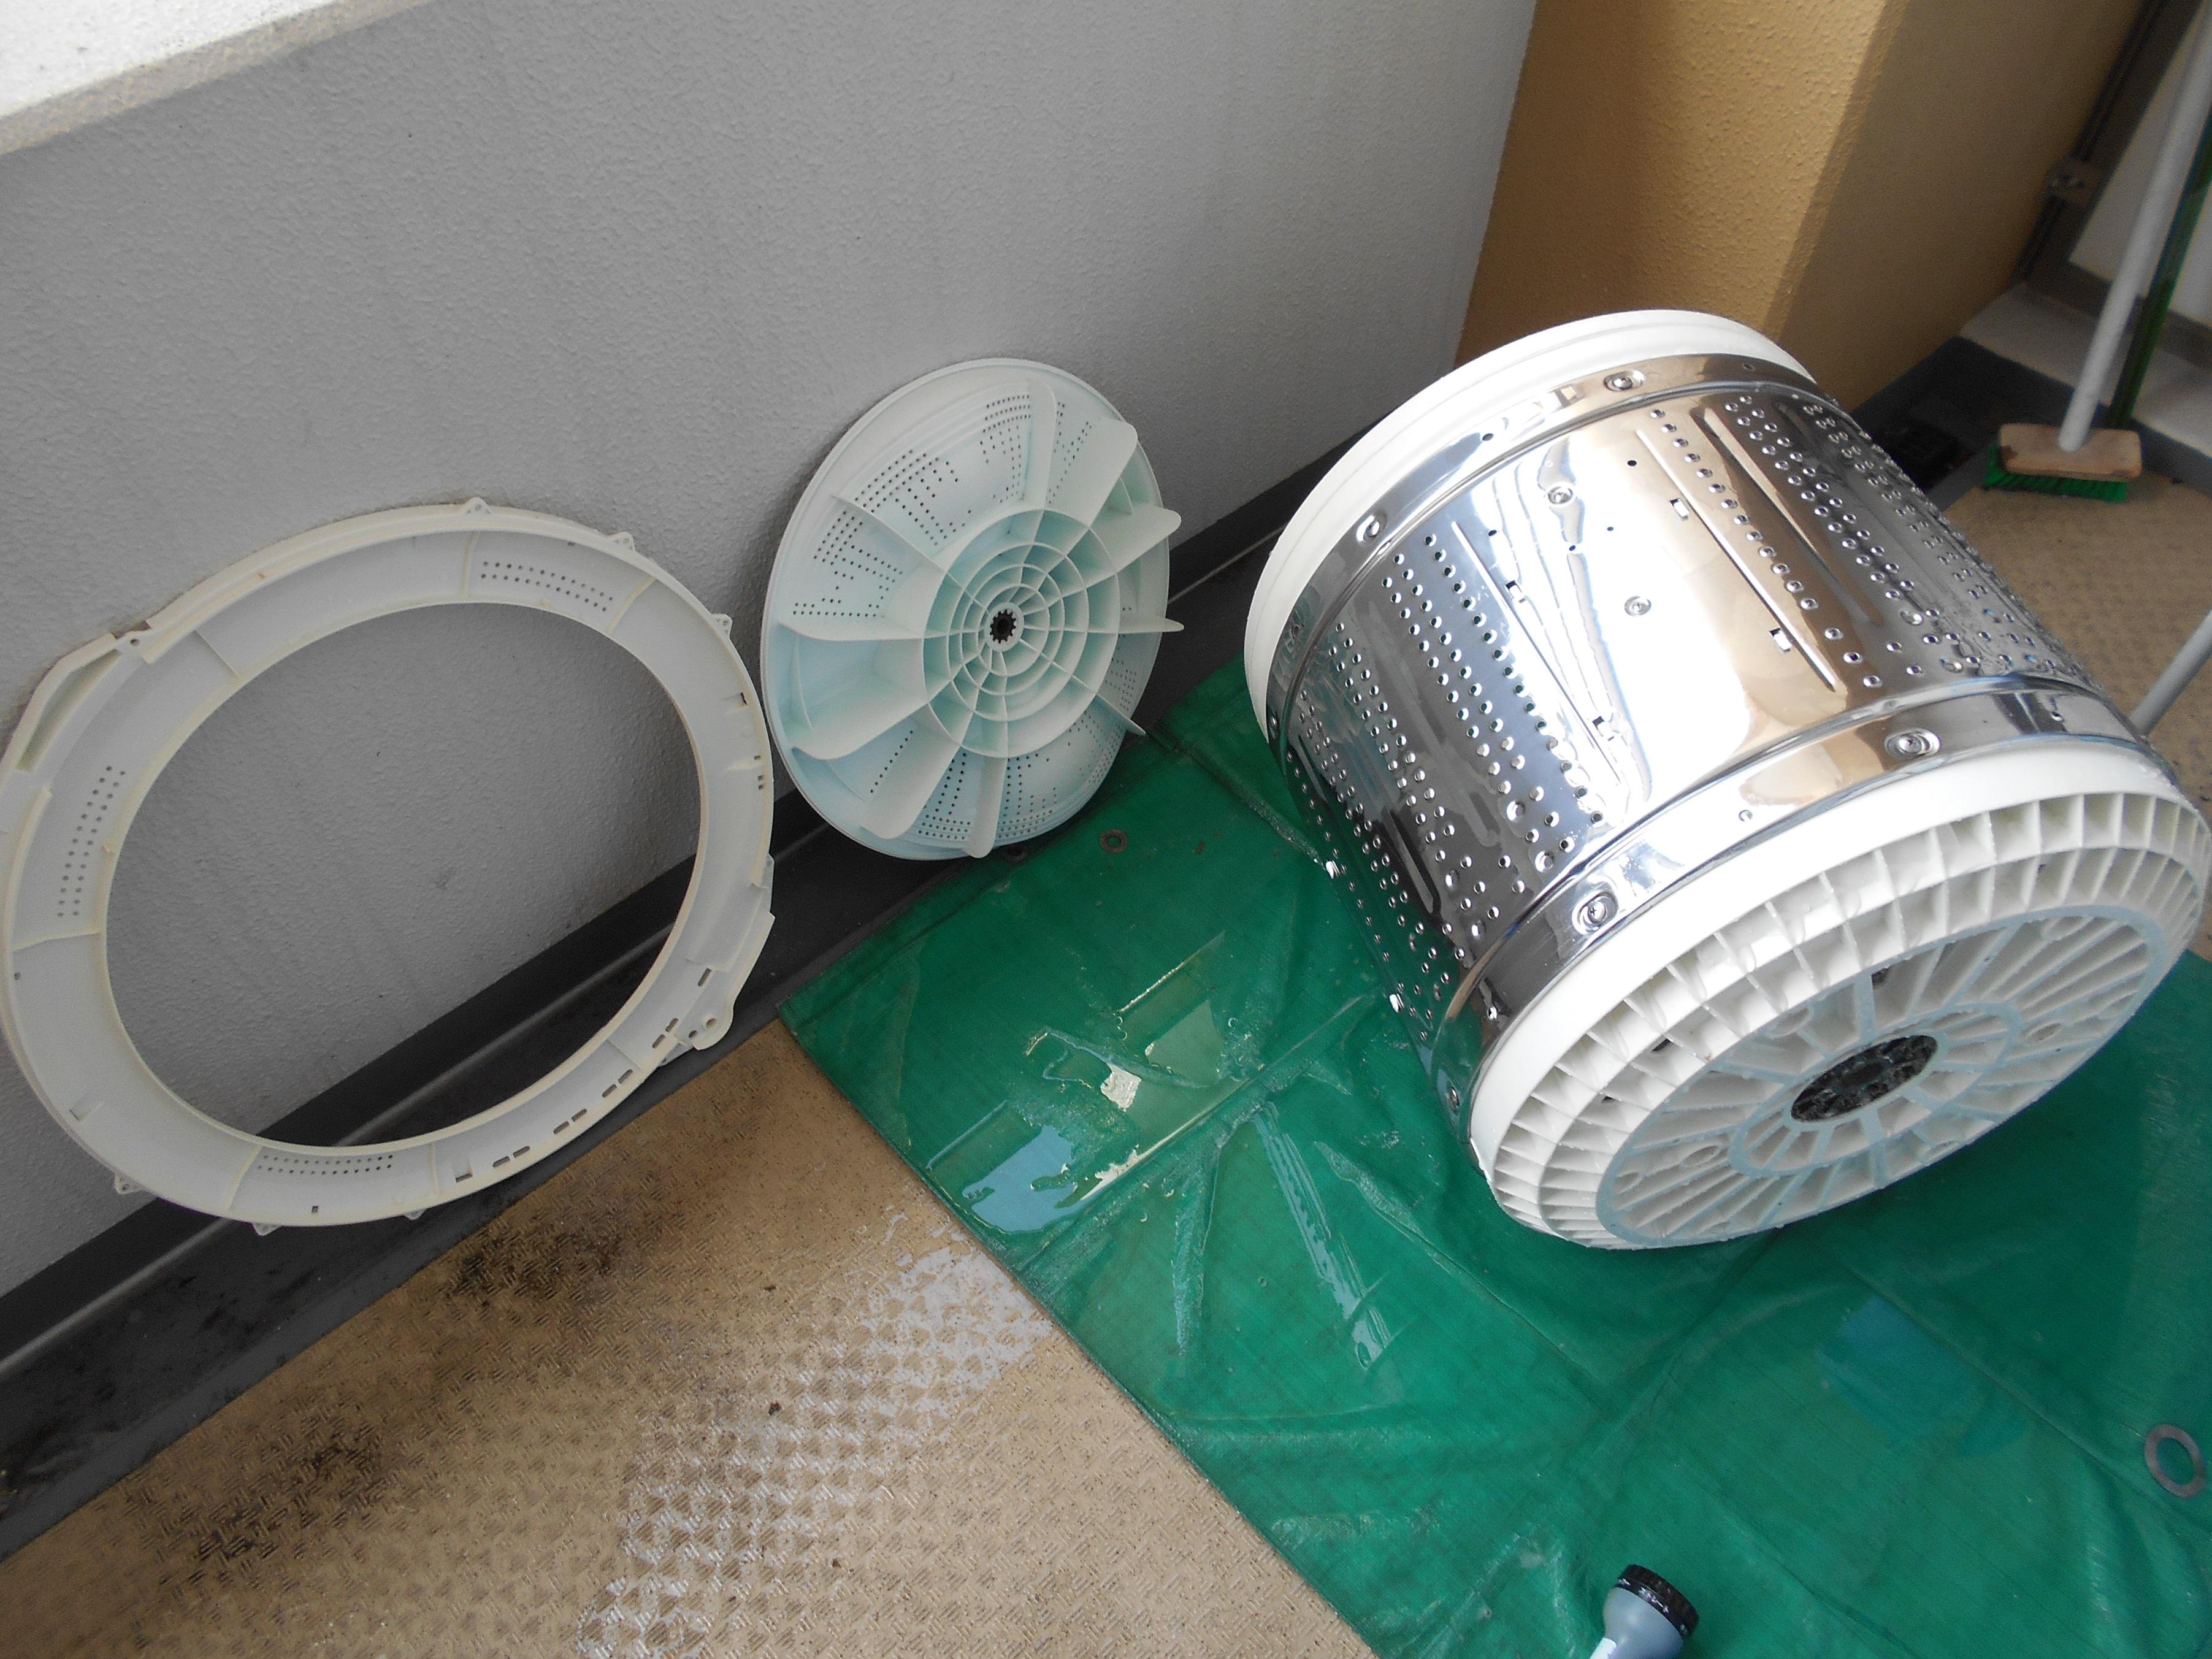 洗浄 ビート ウォッシュ 槽